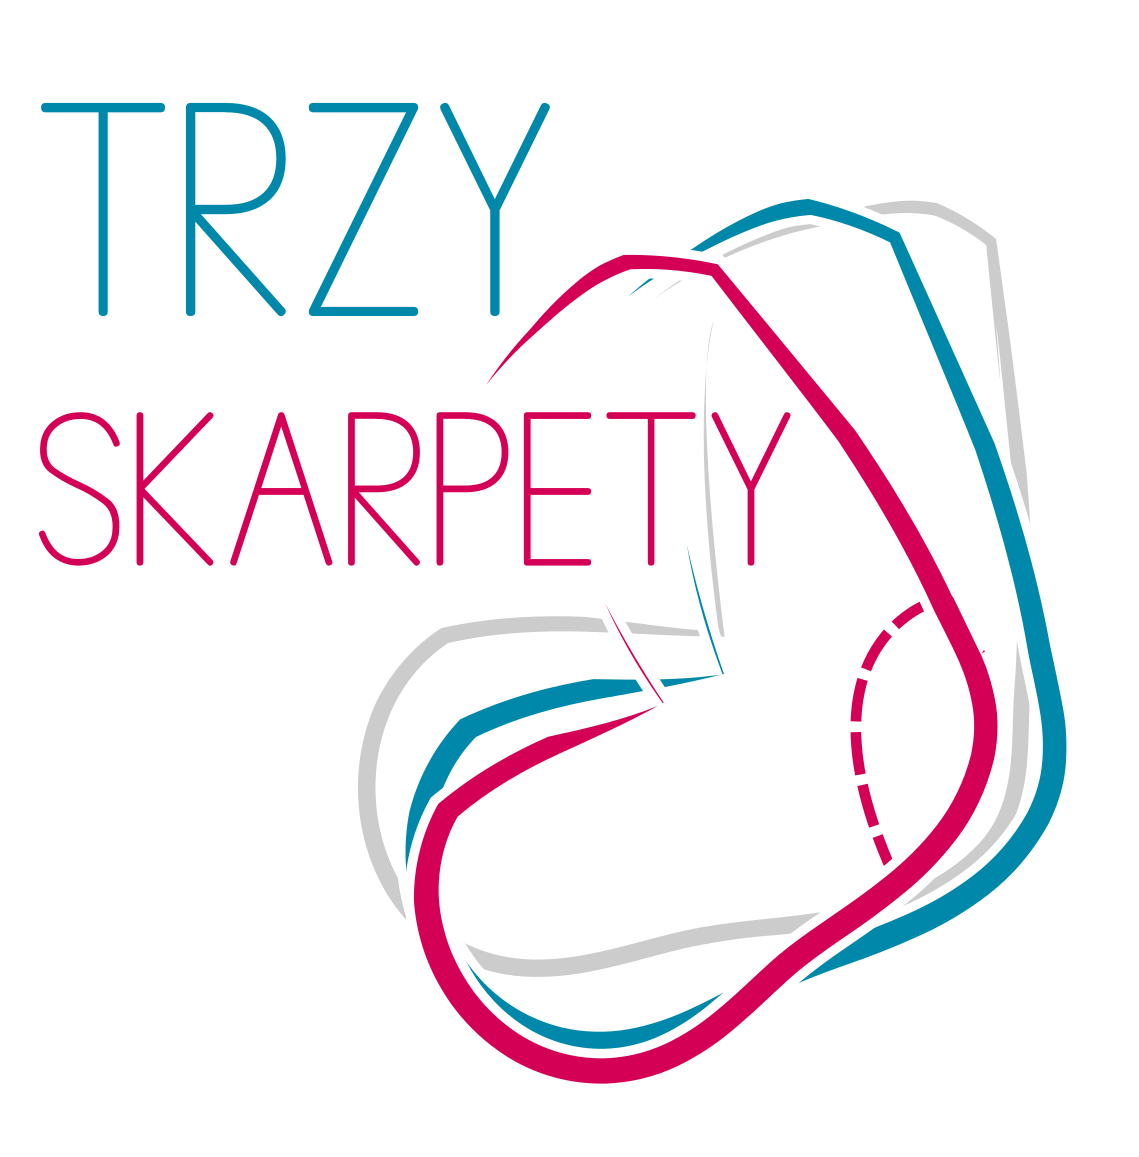 """""""TRZY SKARPETY""""  – czyli co?"""